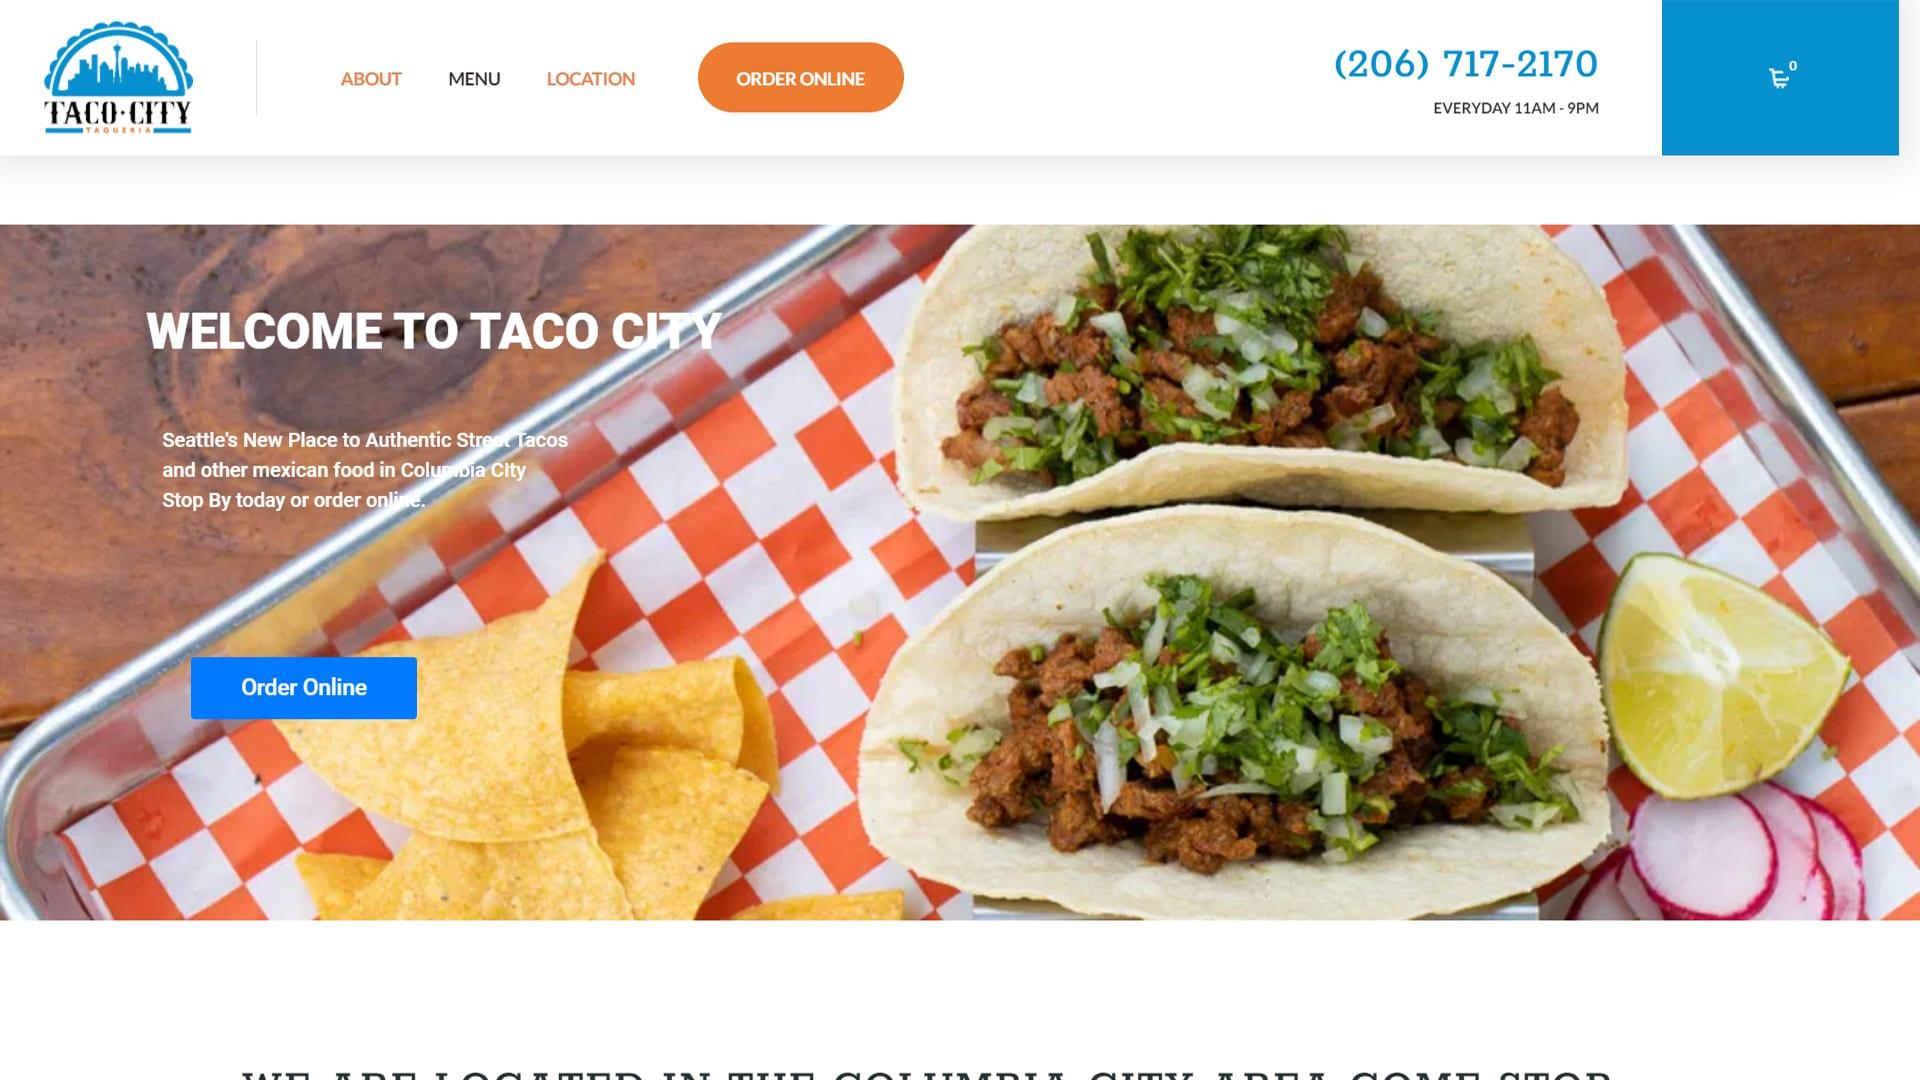 Taco city